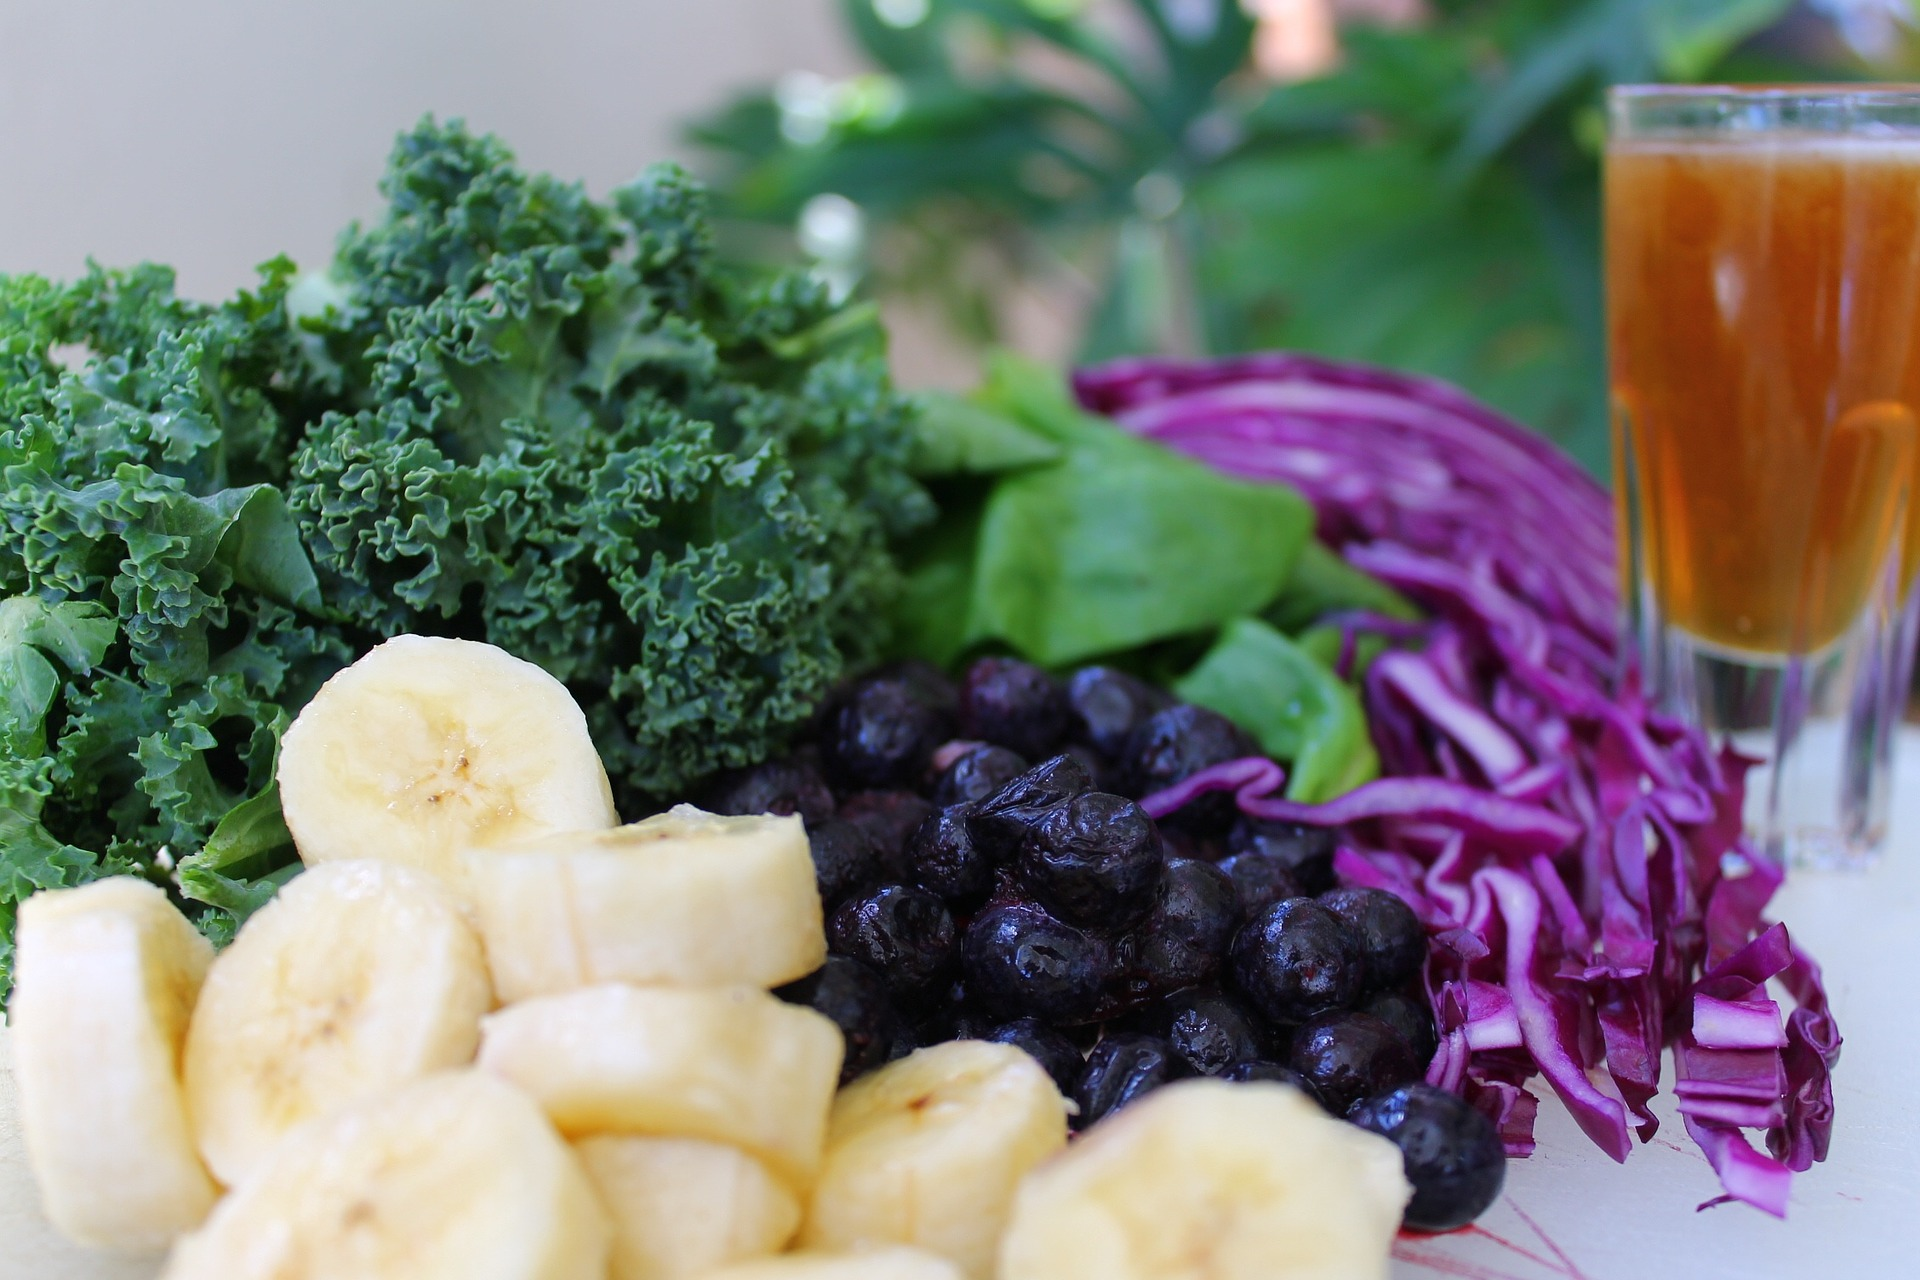 vegetable-755724_1920.jpg